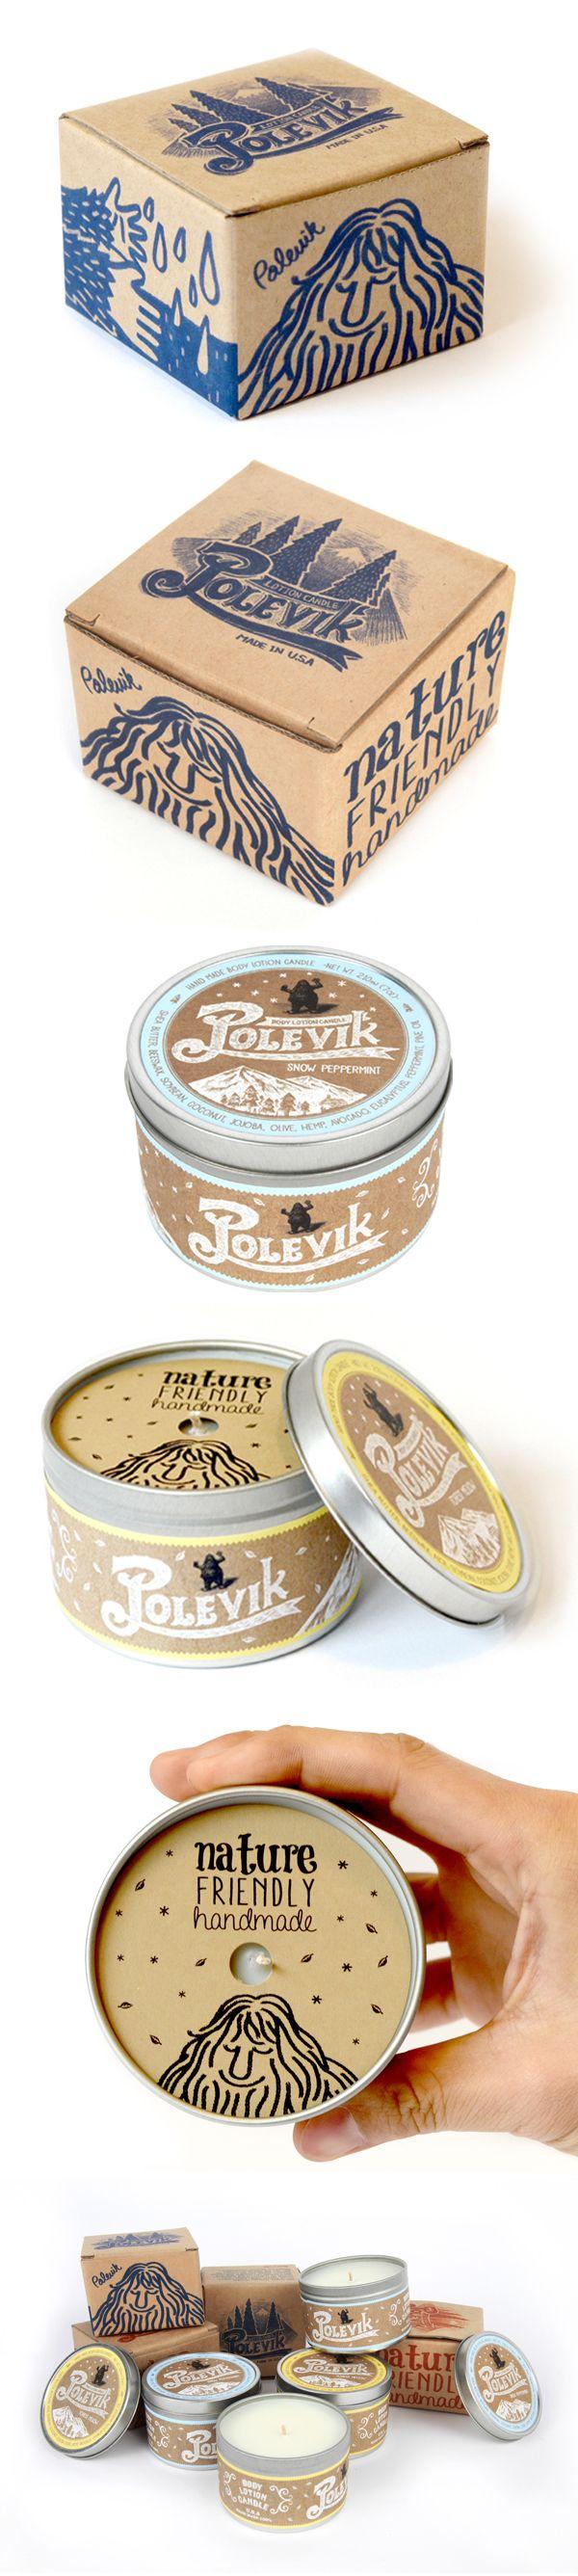 Polevik Candle Package Design on Packaging Design Served